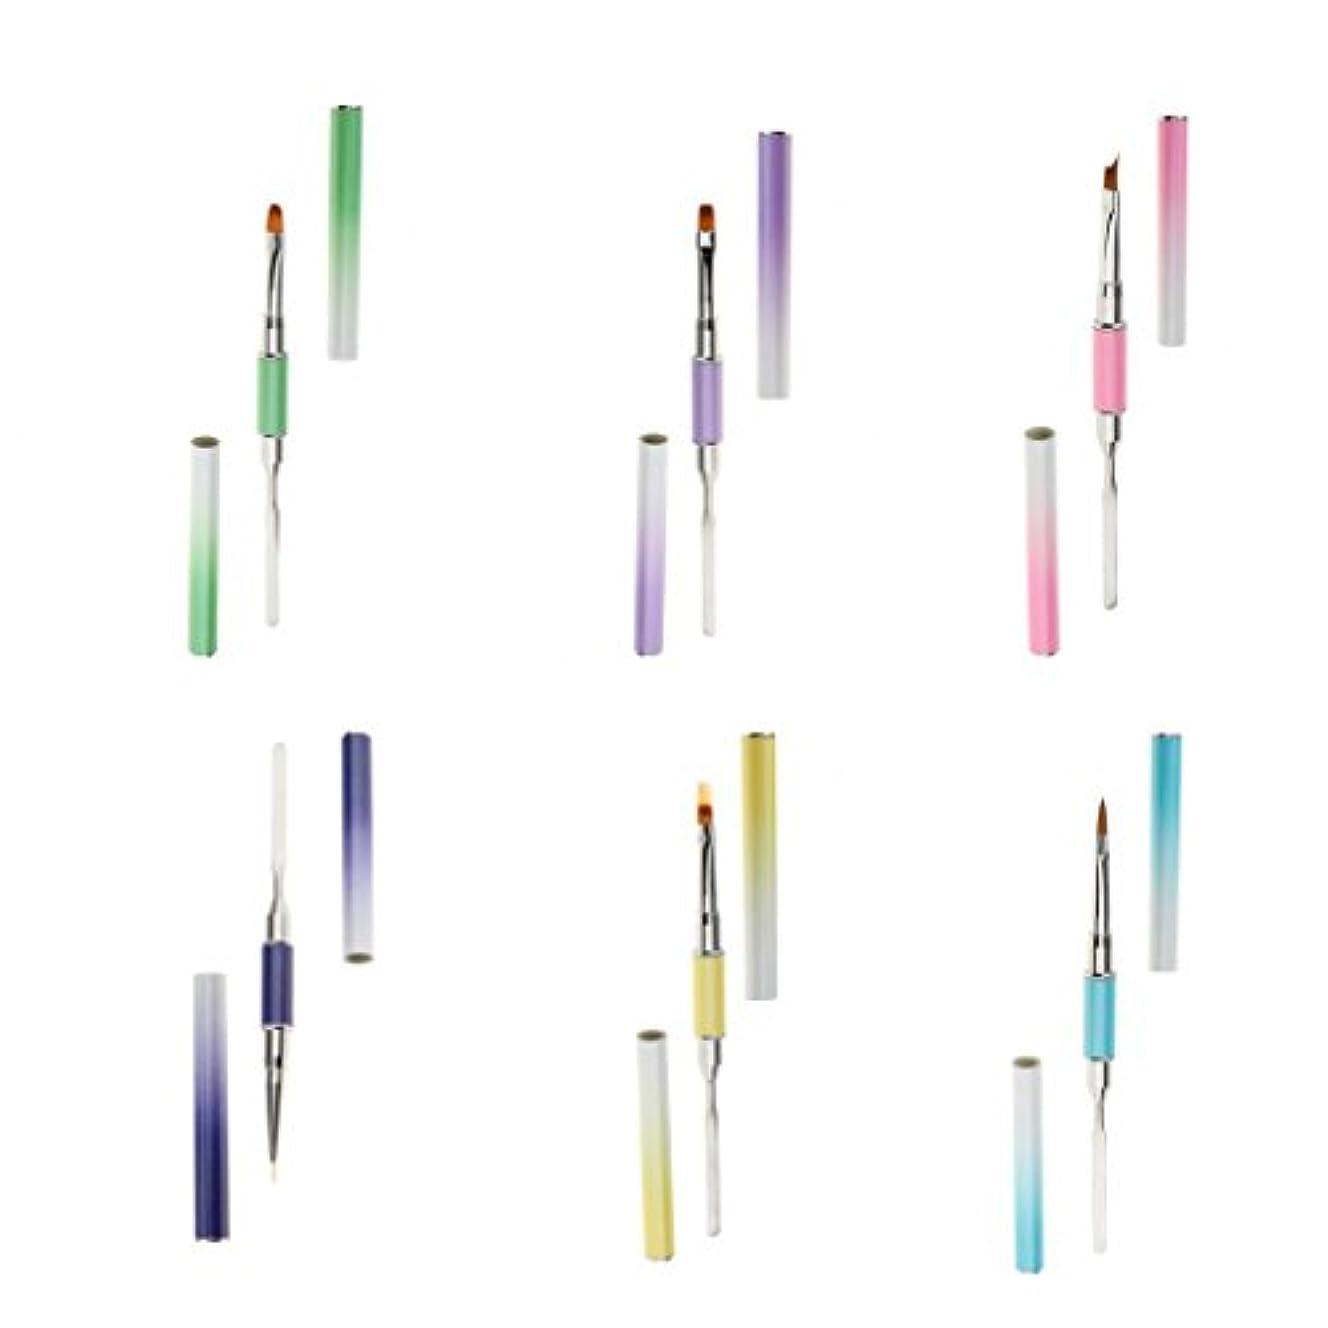 ケーブルカー花火条件付きInjoyo 6ピース/個/パック異なるスタイルのネイルアート装飾ペン、両端ネイルマニキュアUV、ジェルライナーポリッシュブラシペン